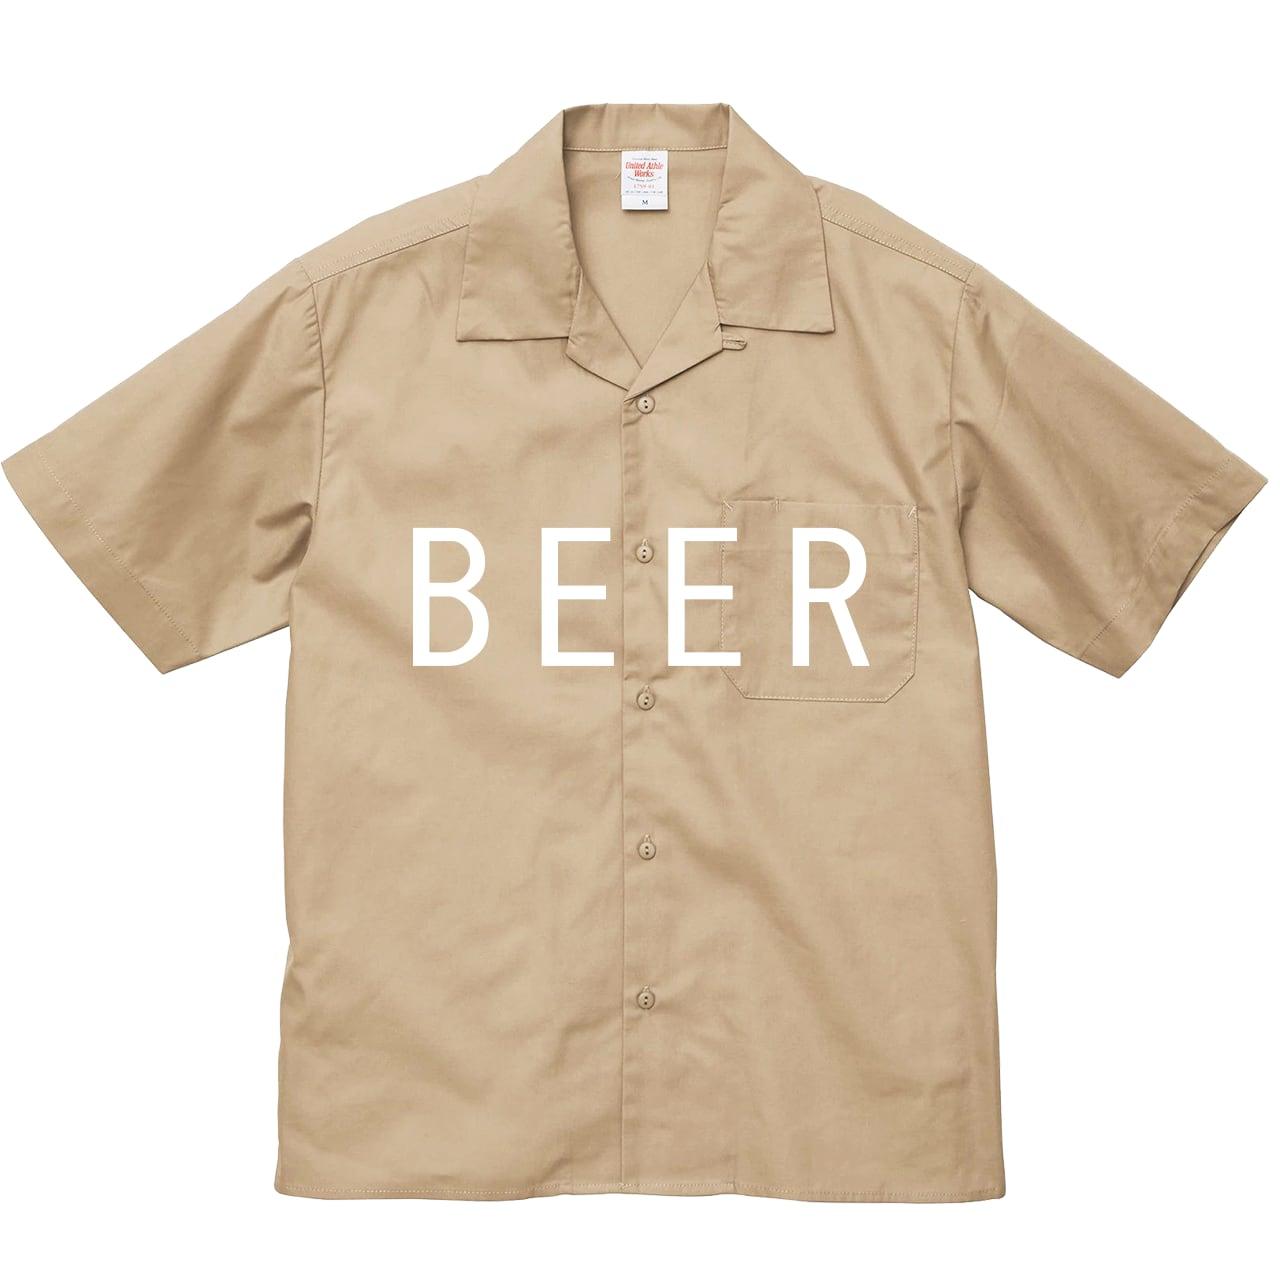 BEER 開襟シャツ モカベージュ